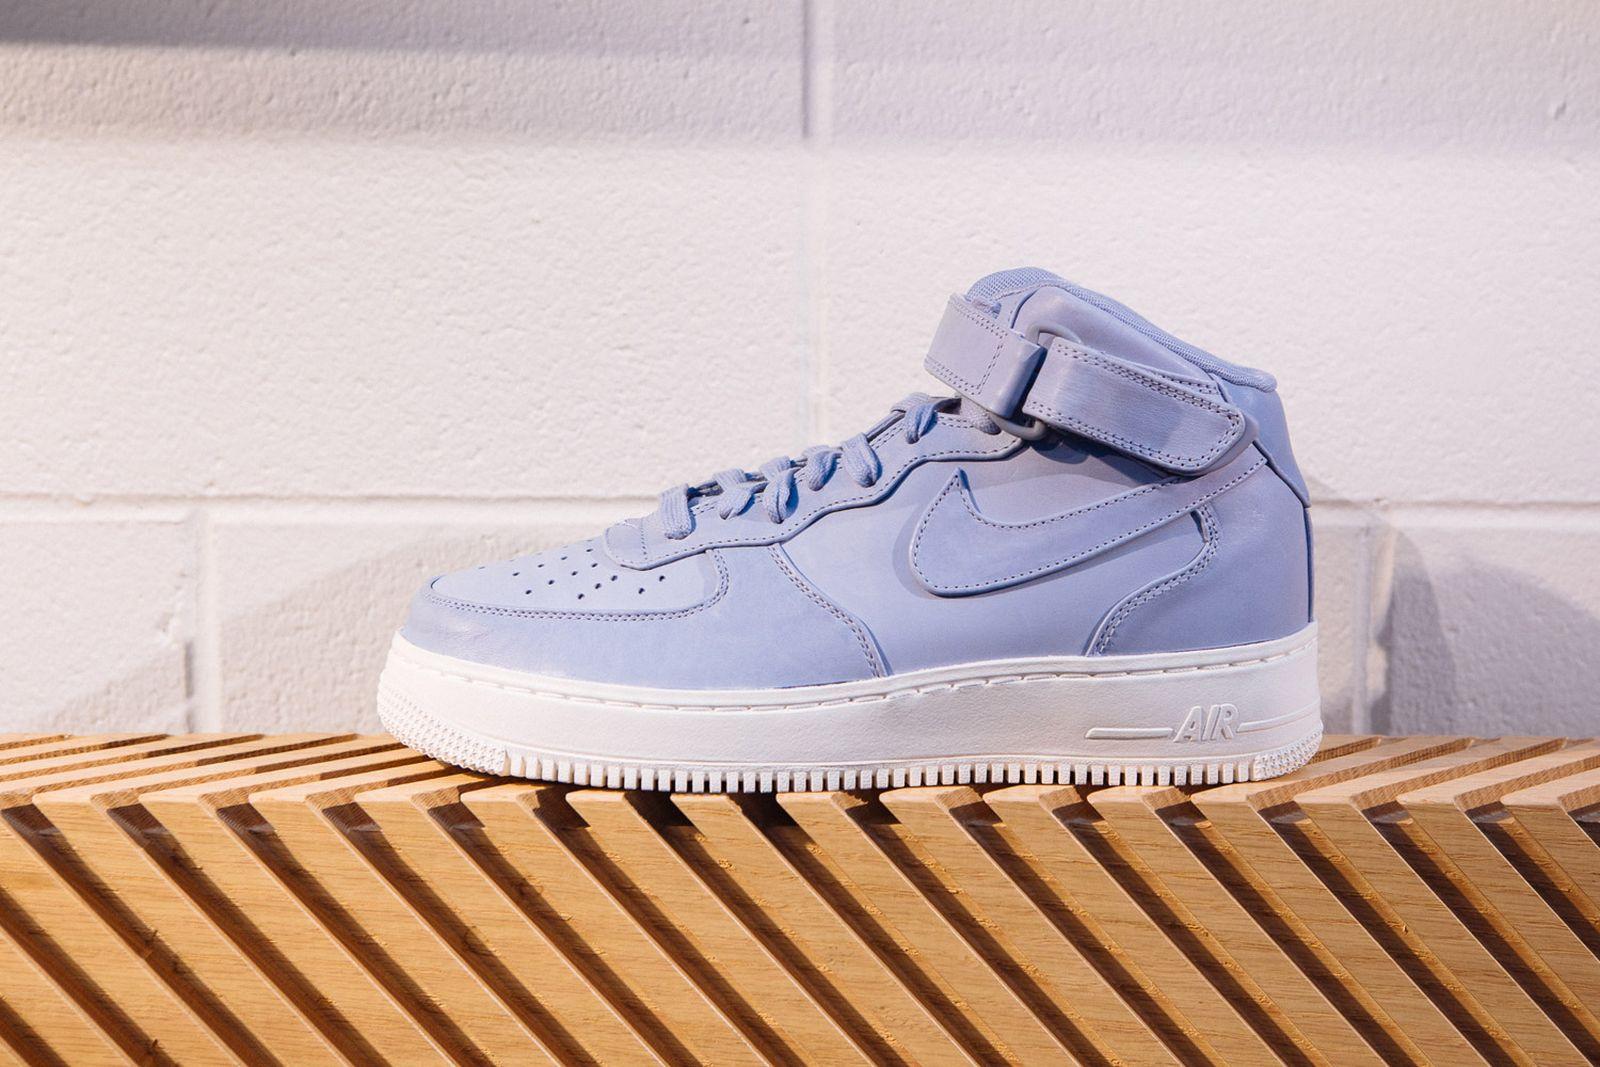 Nike-Lab-Chicago-Highsnobiety-13